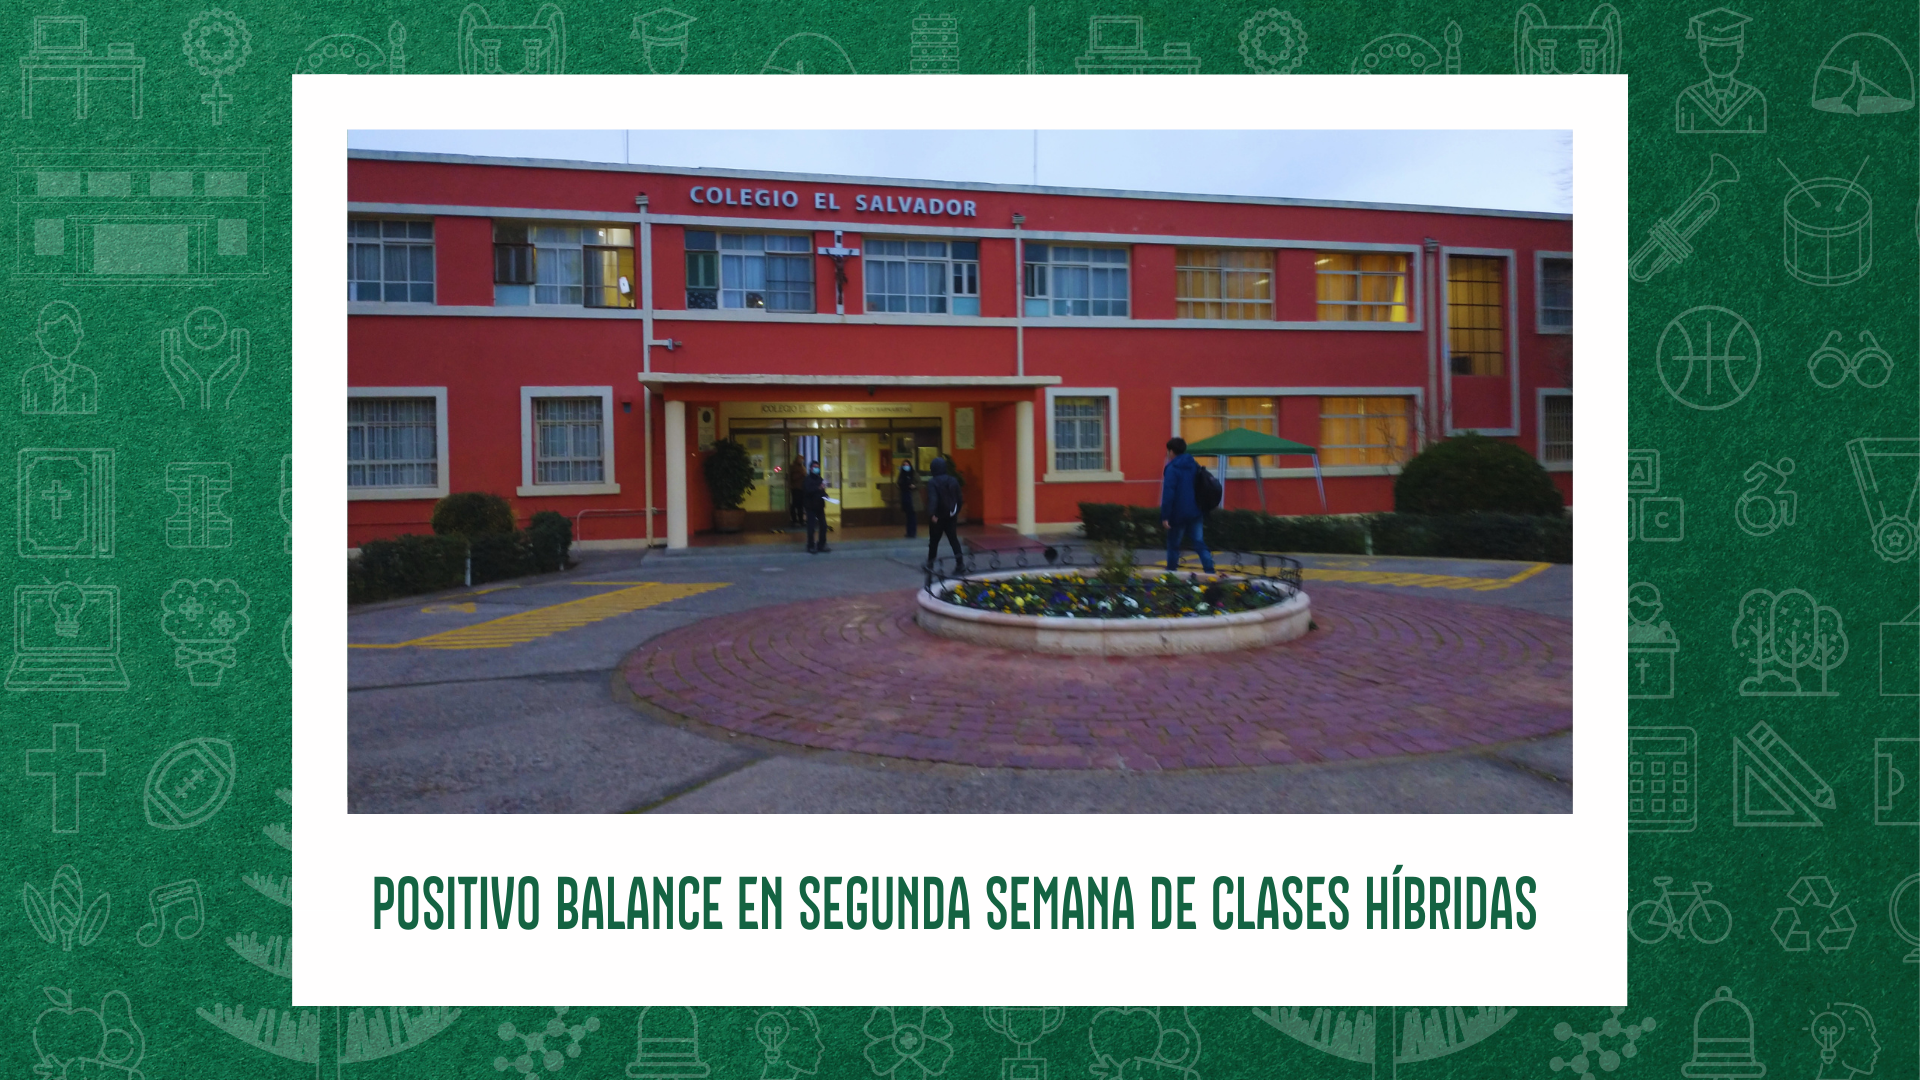 POSITIVO BALANCE EN SEGUNDA SEMANA DE CLASES HÍBRIDAS